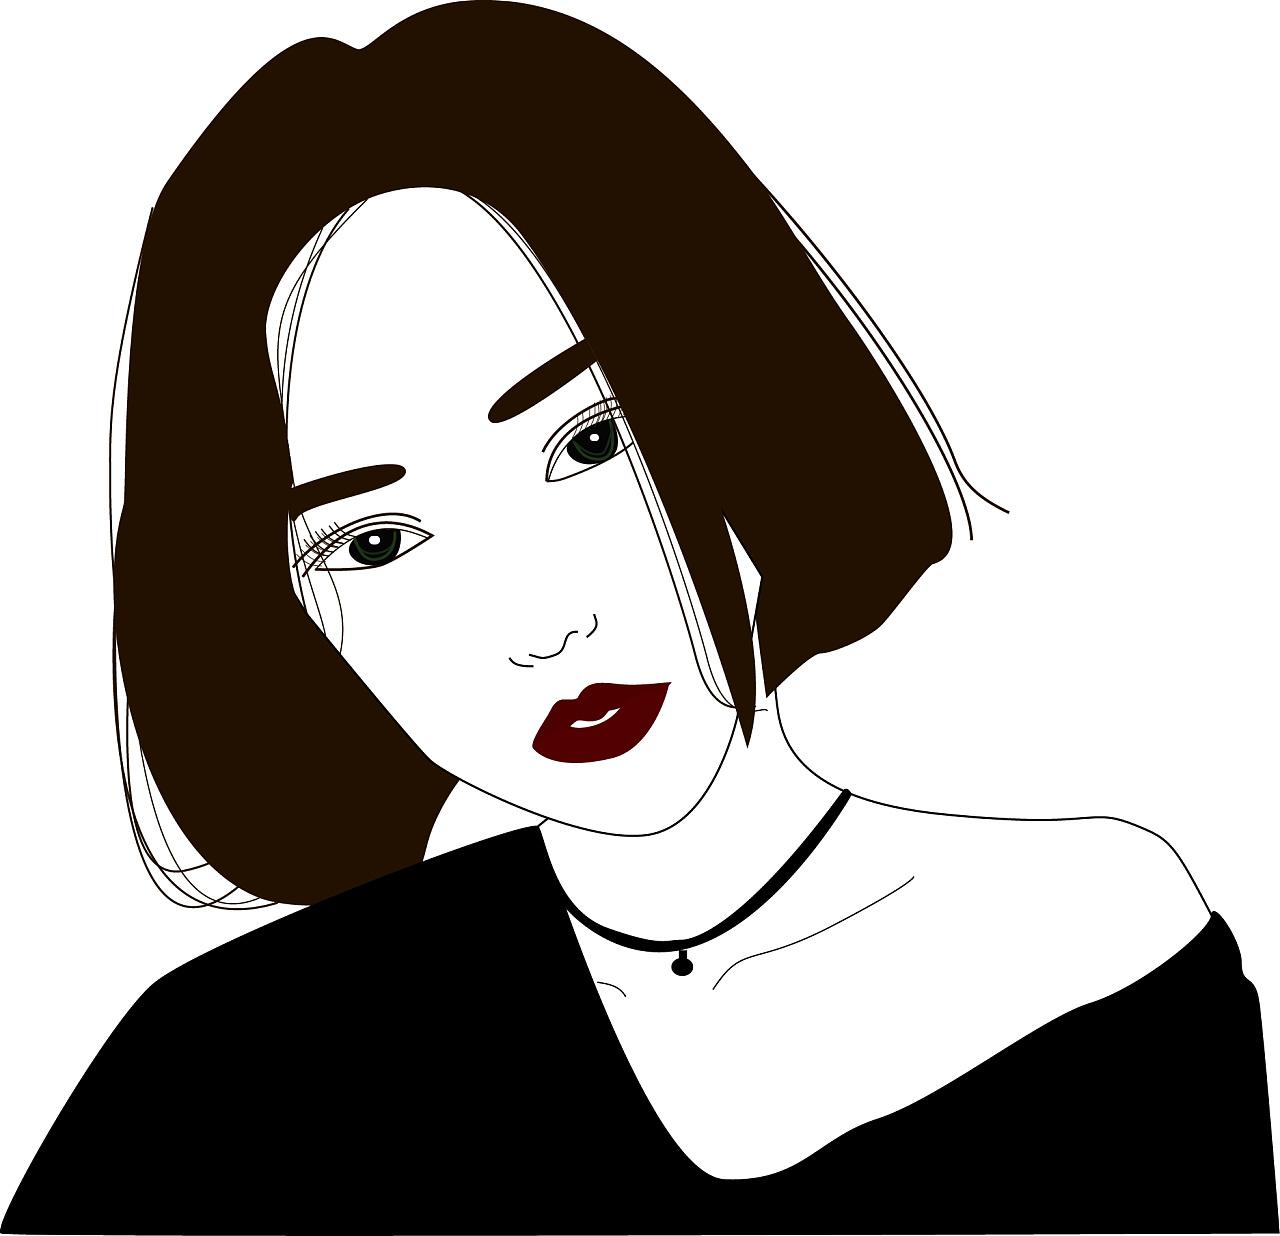 人物插画 女生头像